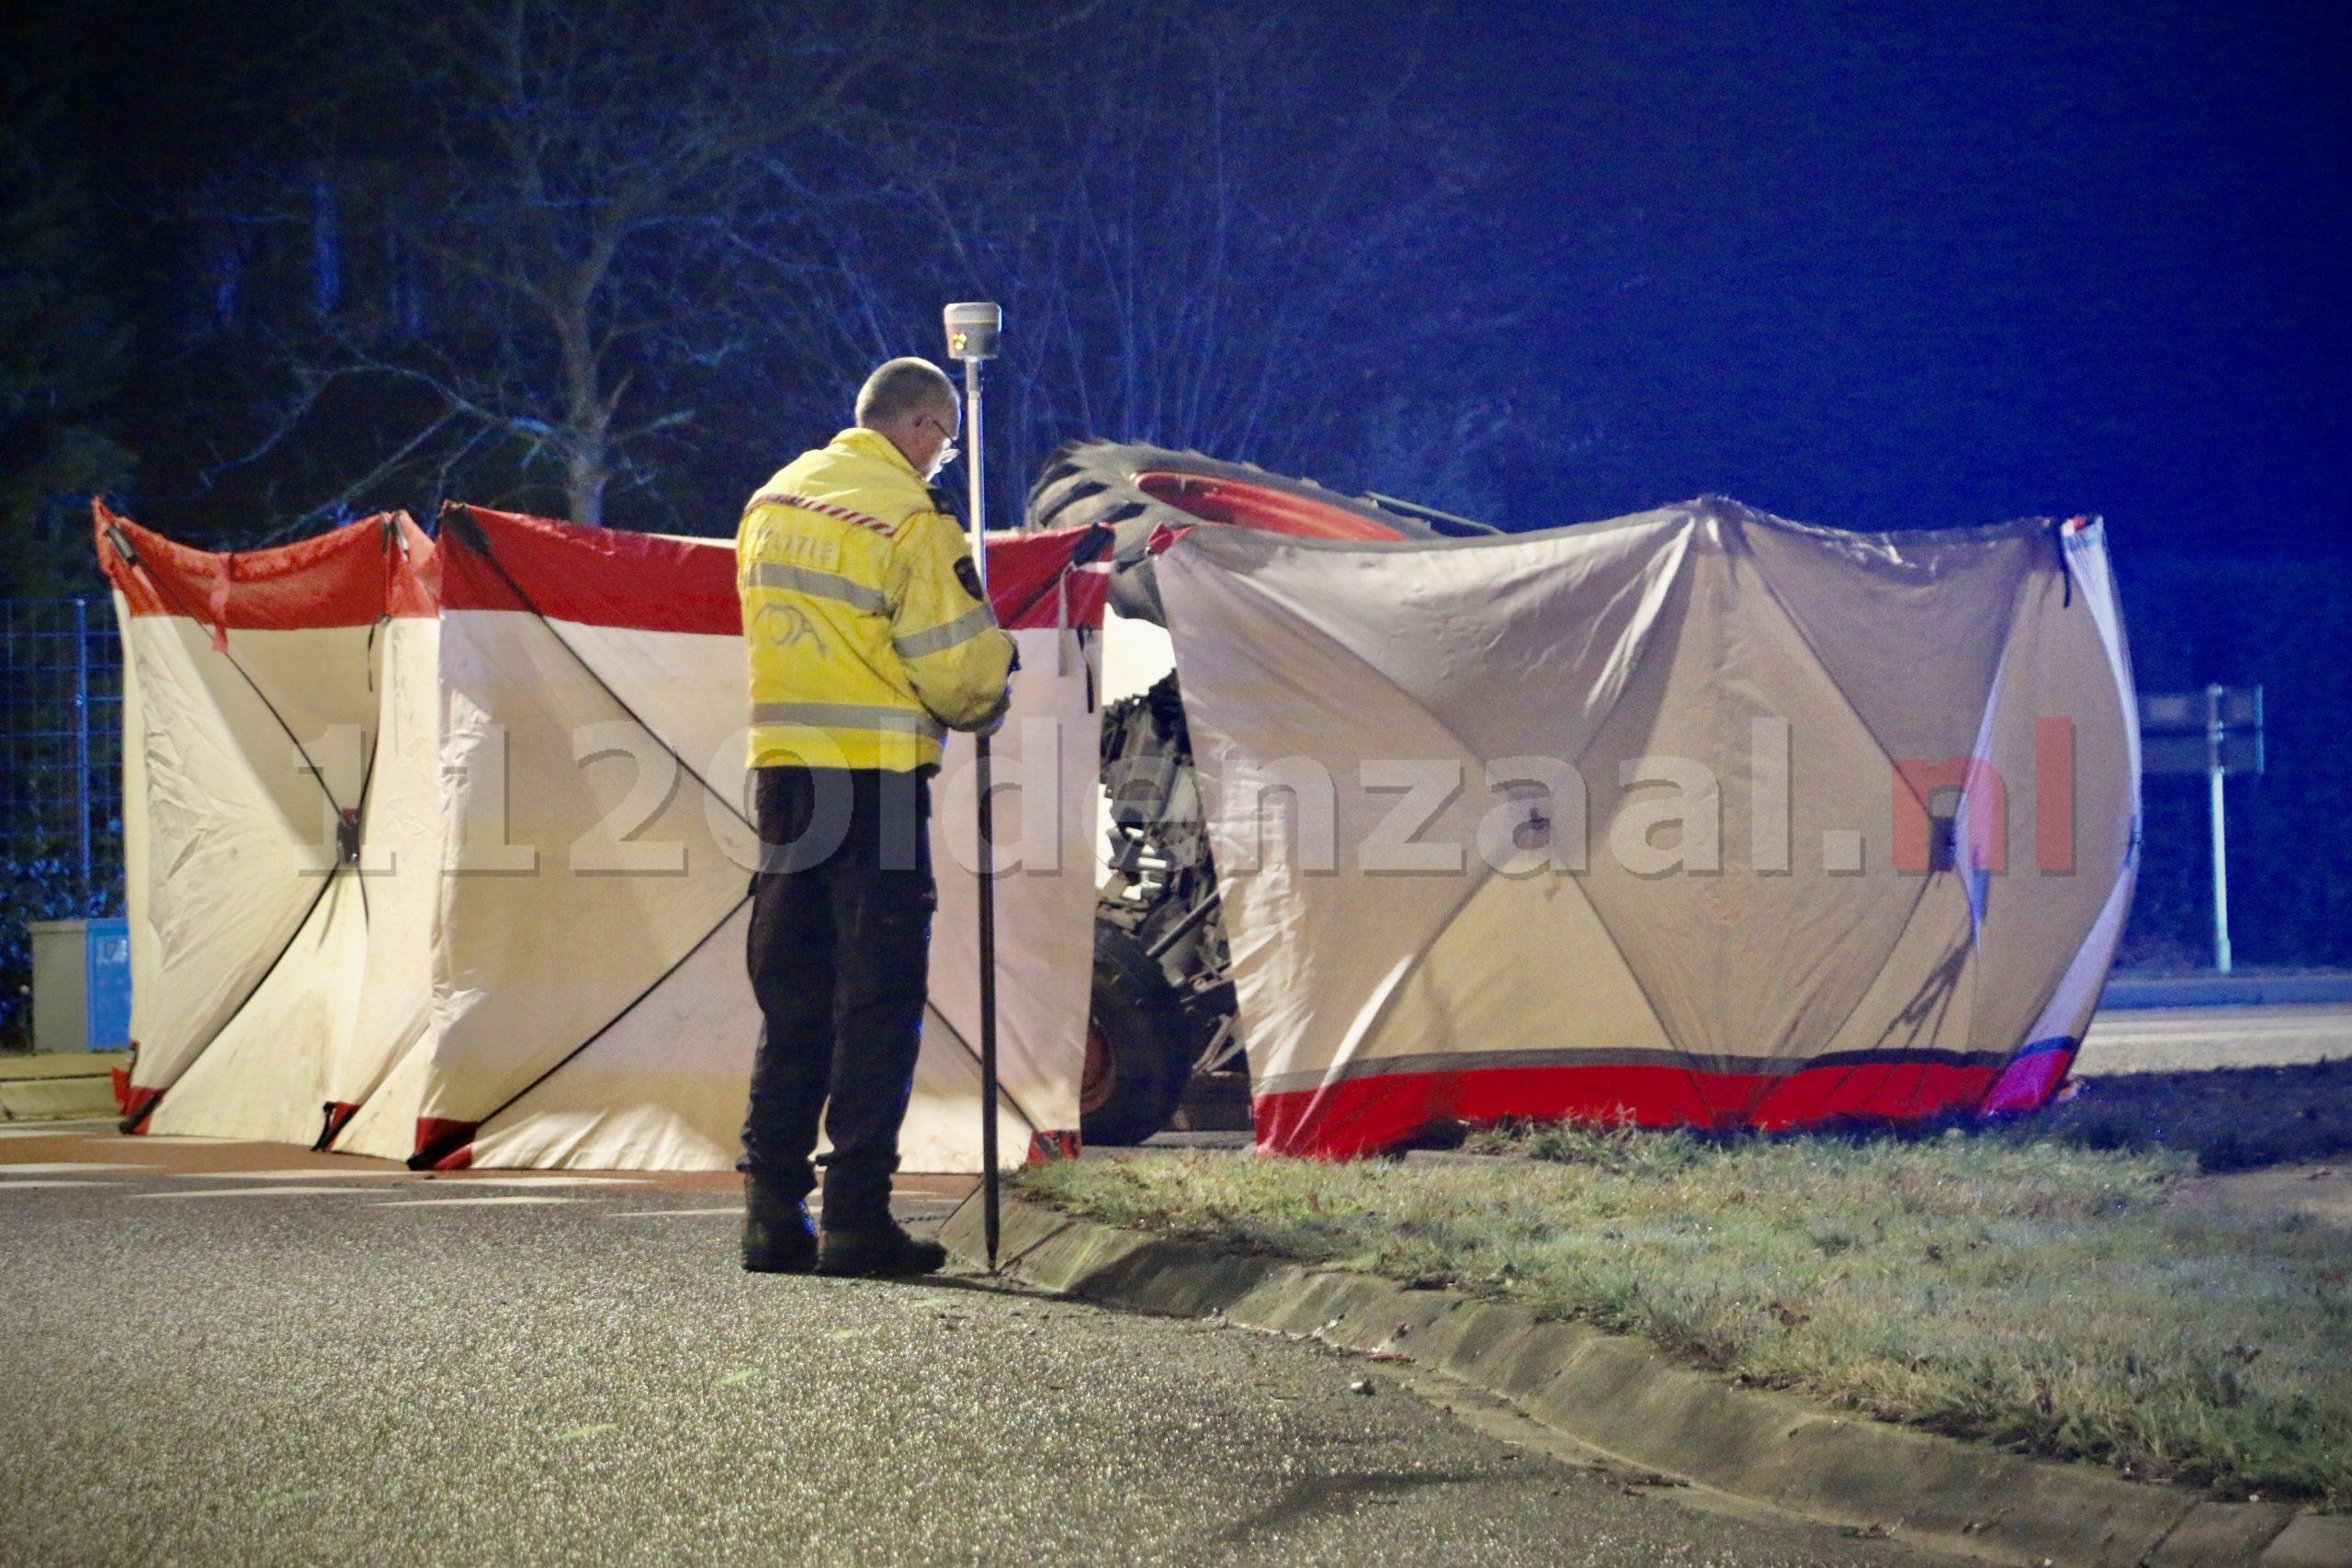 UPDATE: 17-jarige jongeman uit Harbrinkhoek omgekomen bij ongeval met trekker